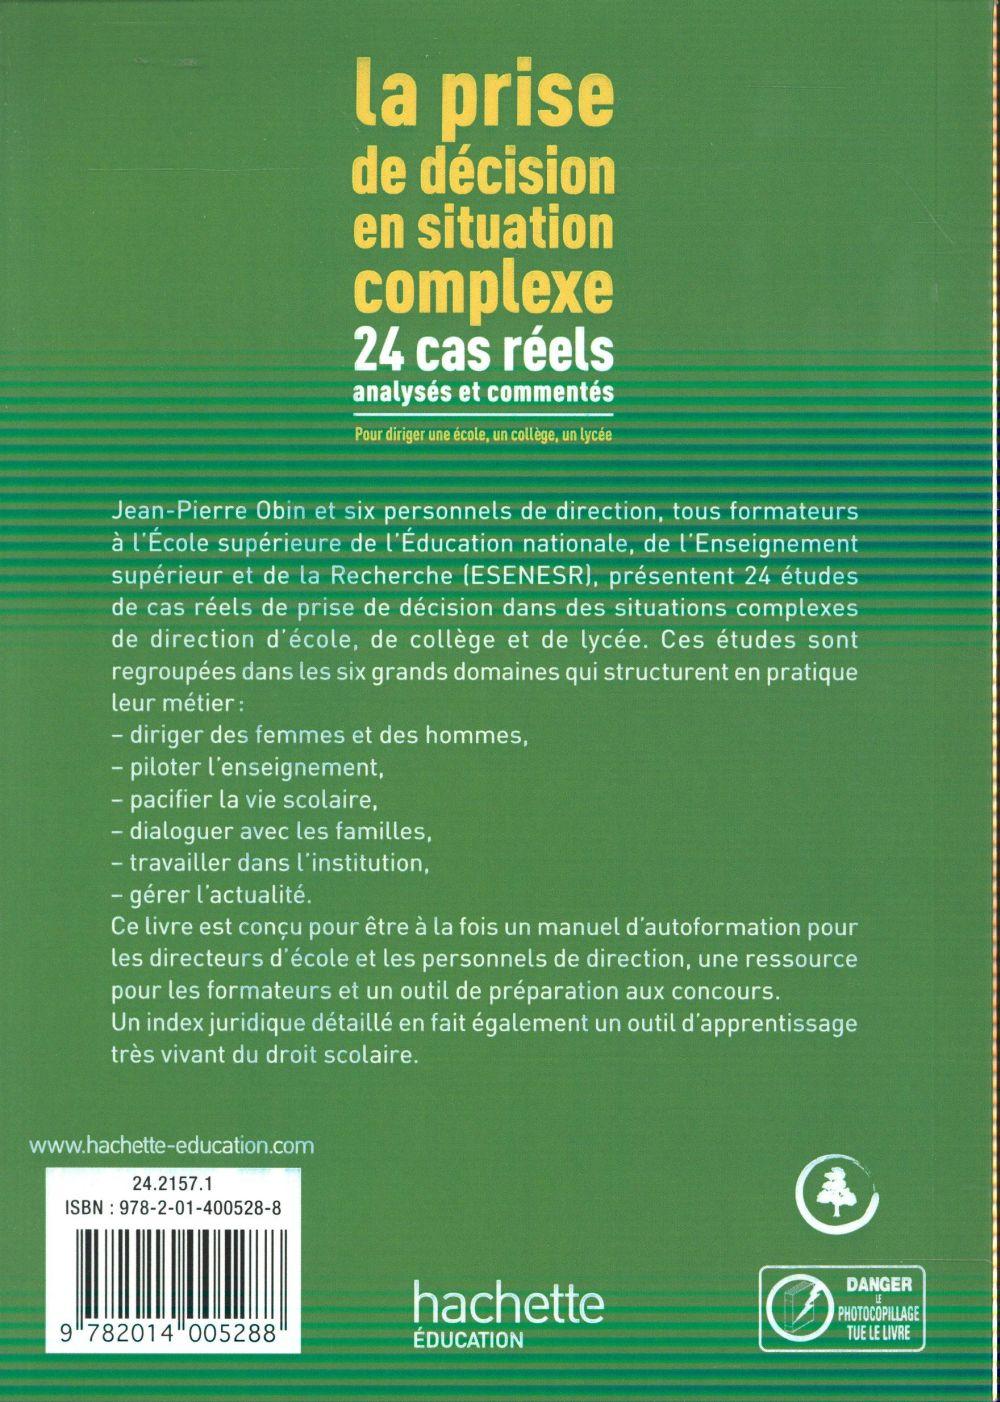 La prise de décision en situation complexe ; 24 cas réels analysés et commentés